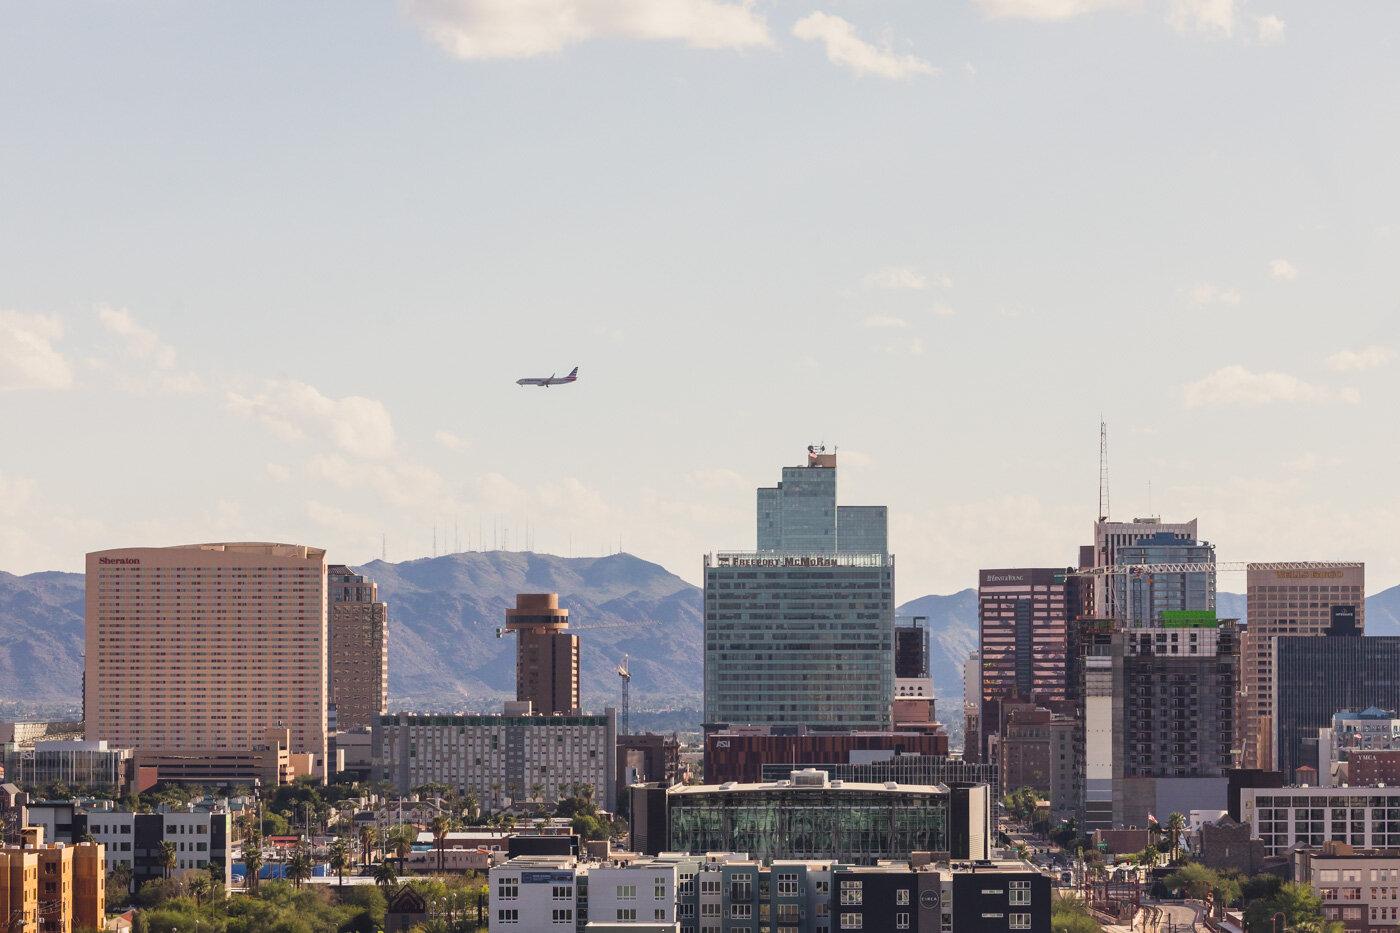 downtown-phoenix-view